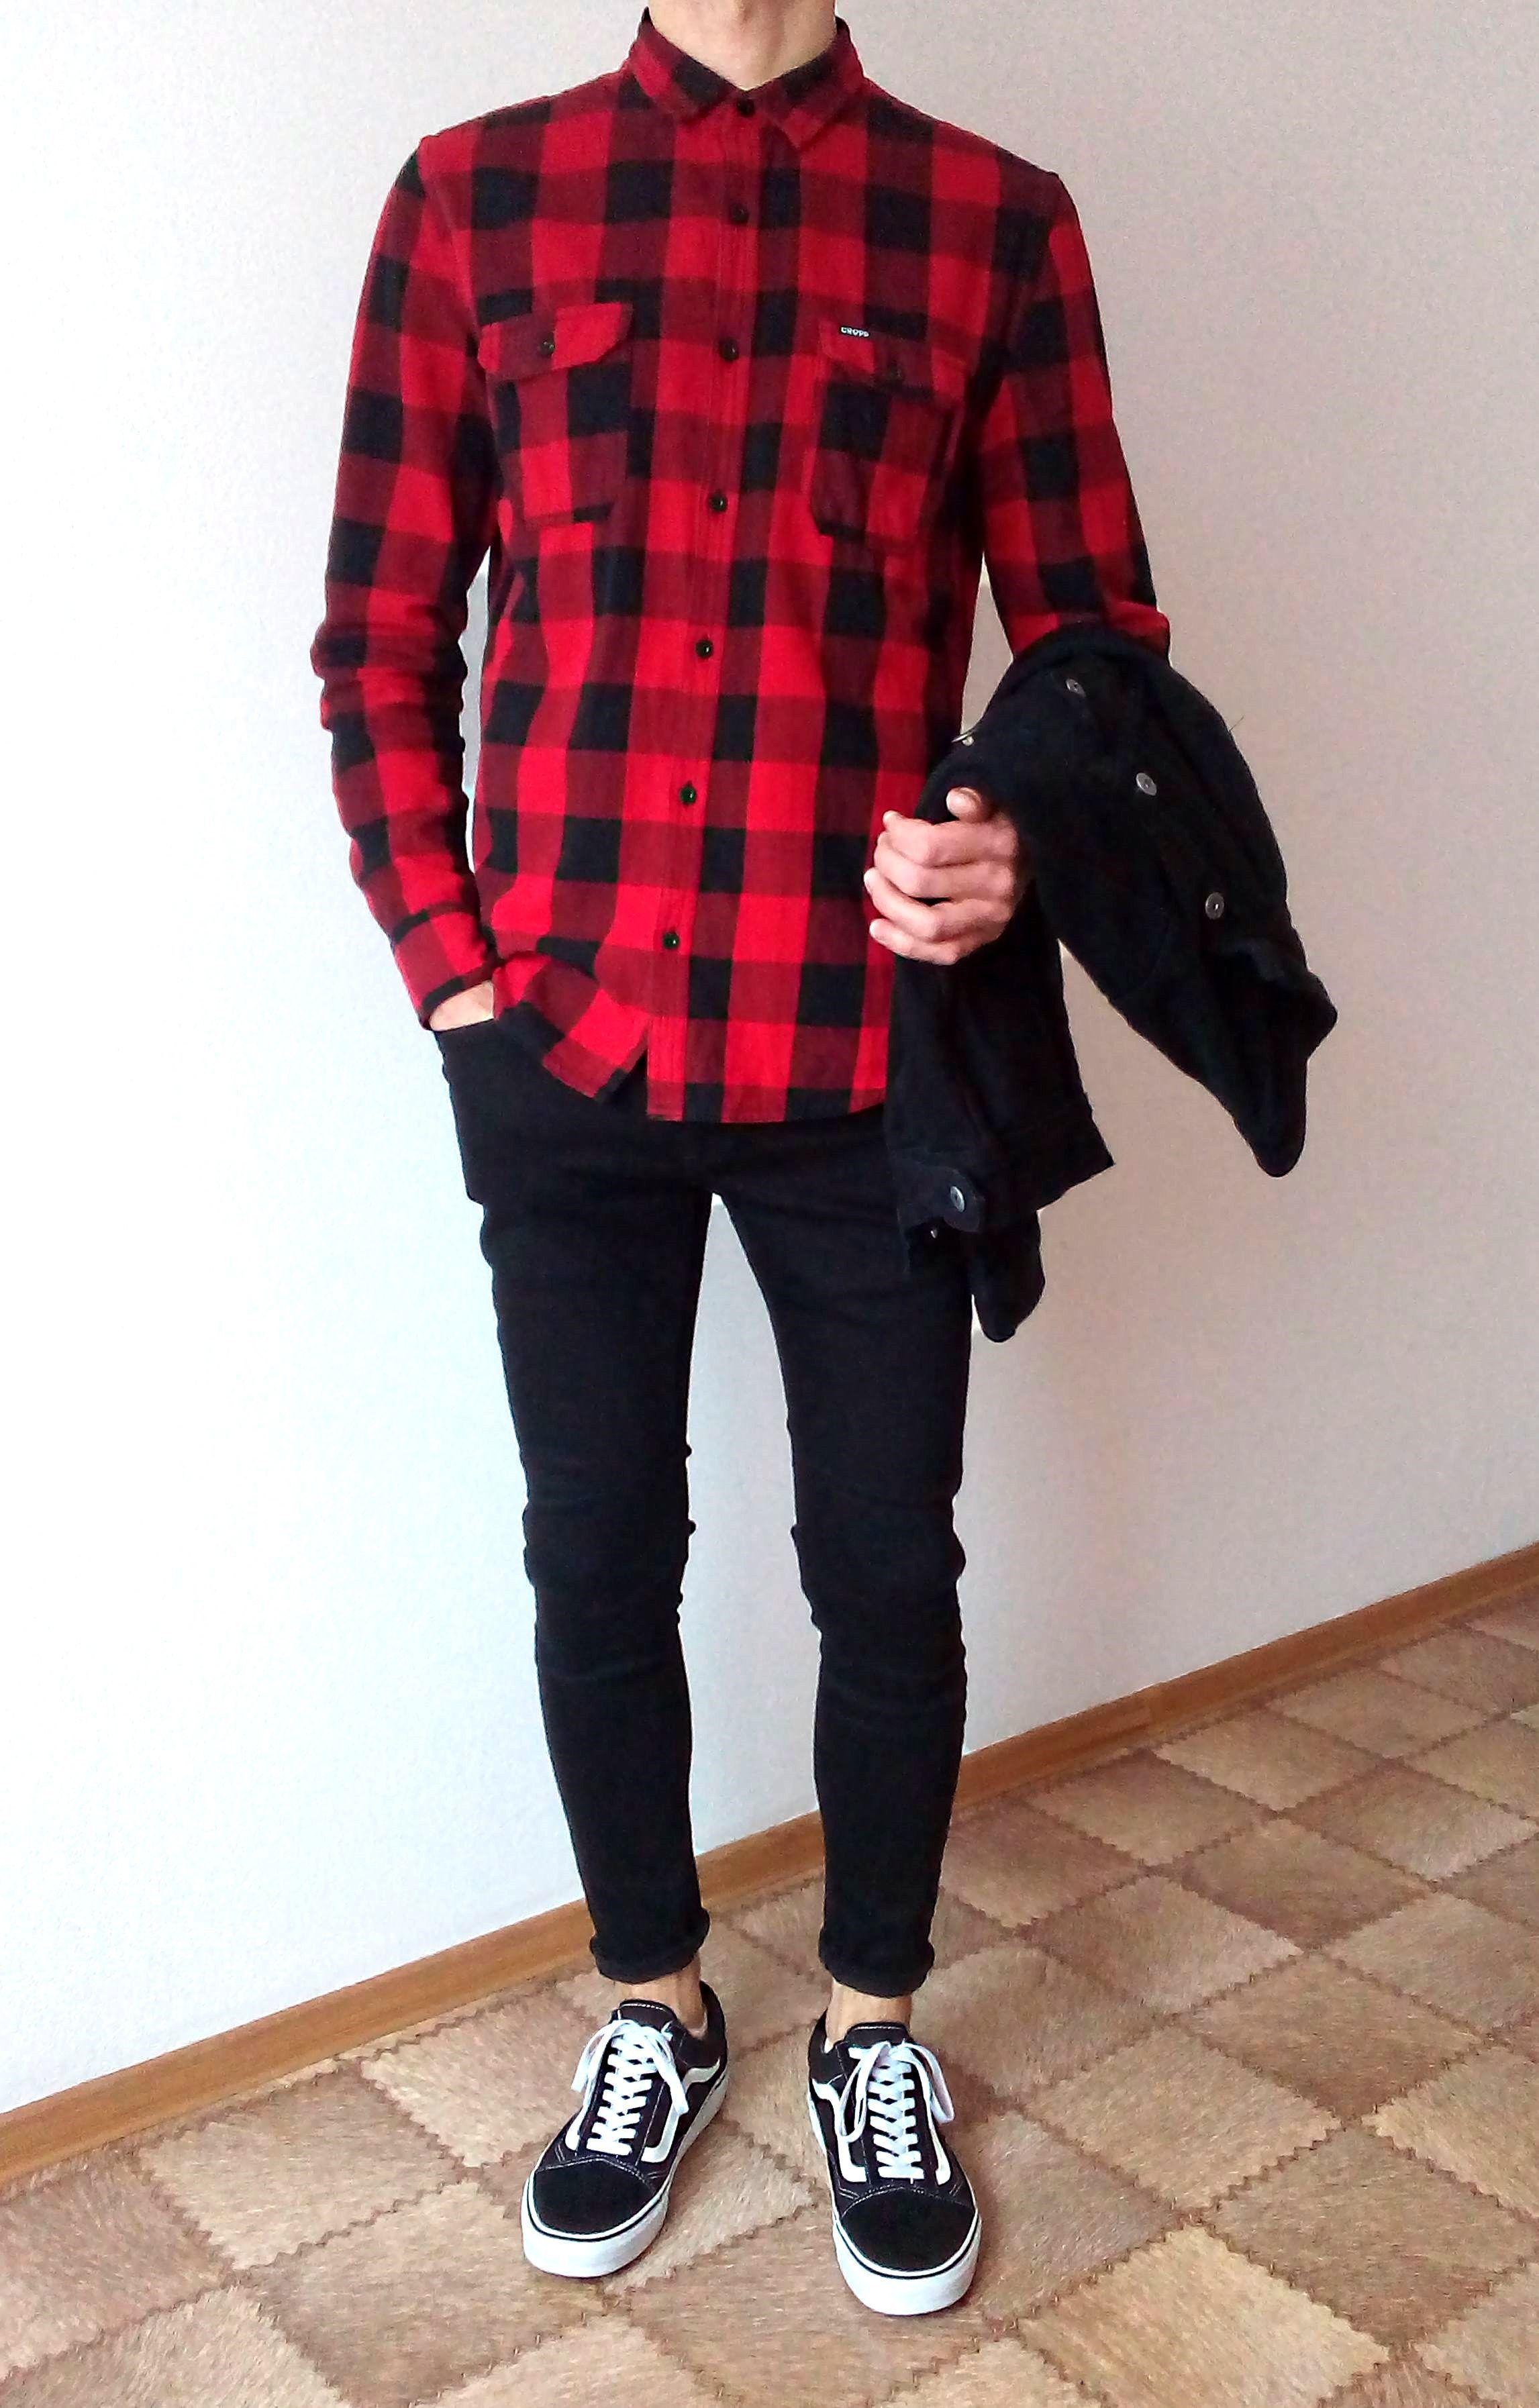 vans old skool black skinny jeans garçons gars tenue | vans amour ...